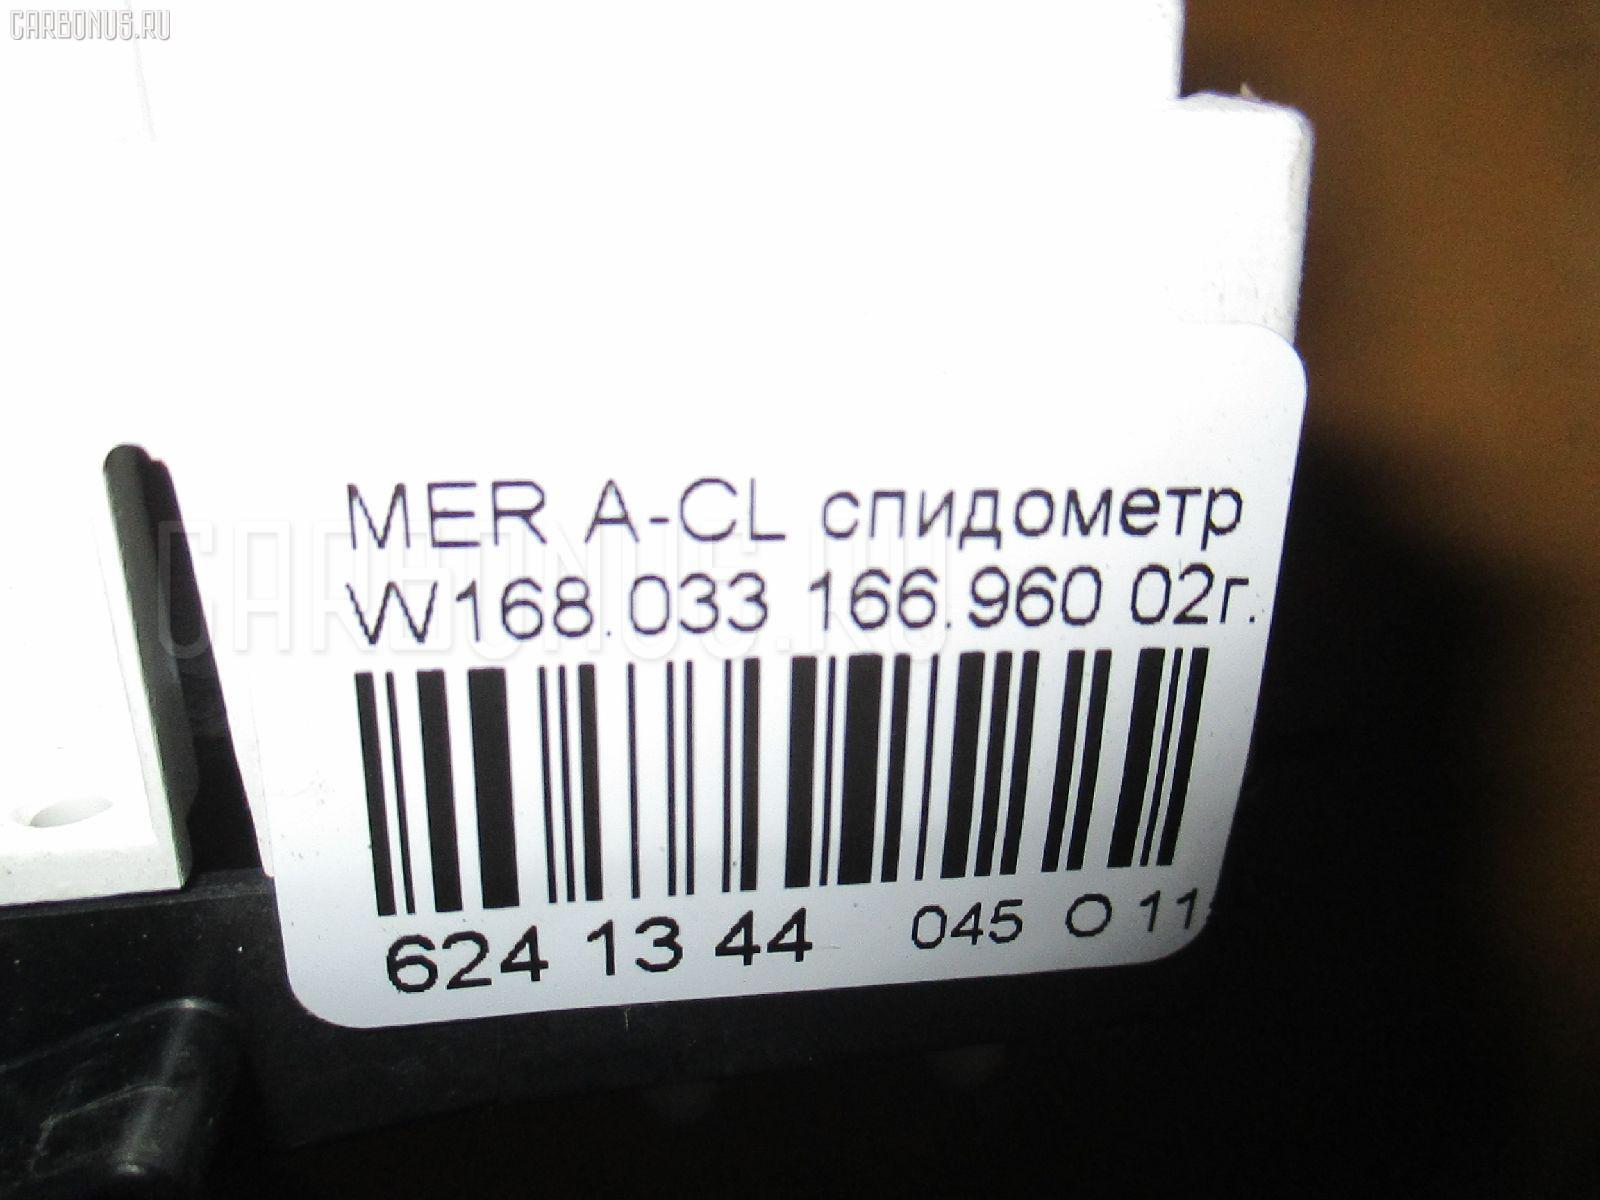 Спидометр MERCEDES-BENZ A-CLASS W168.033 166.960 Фото 4